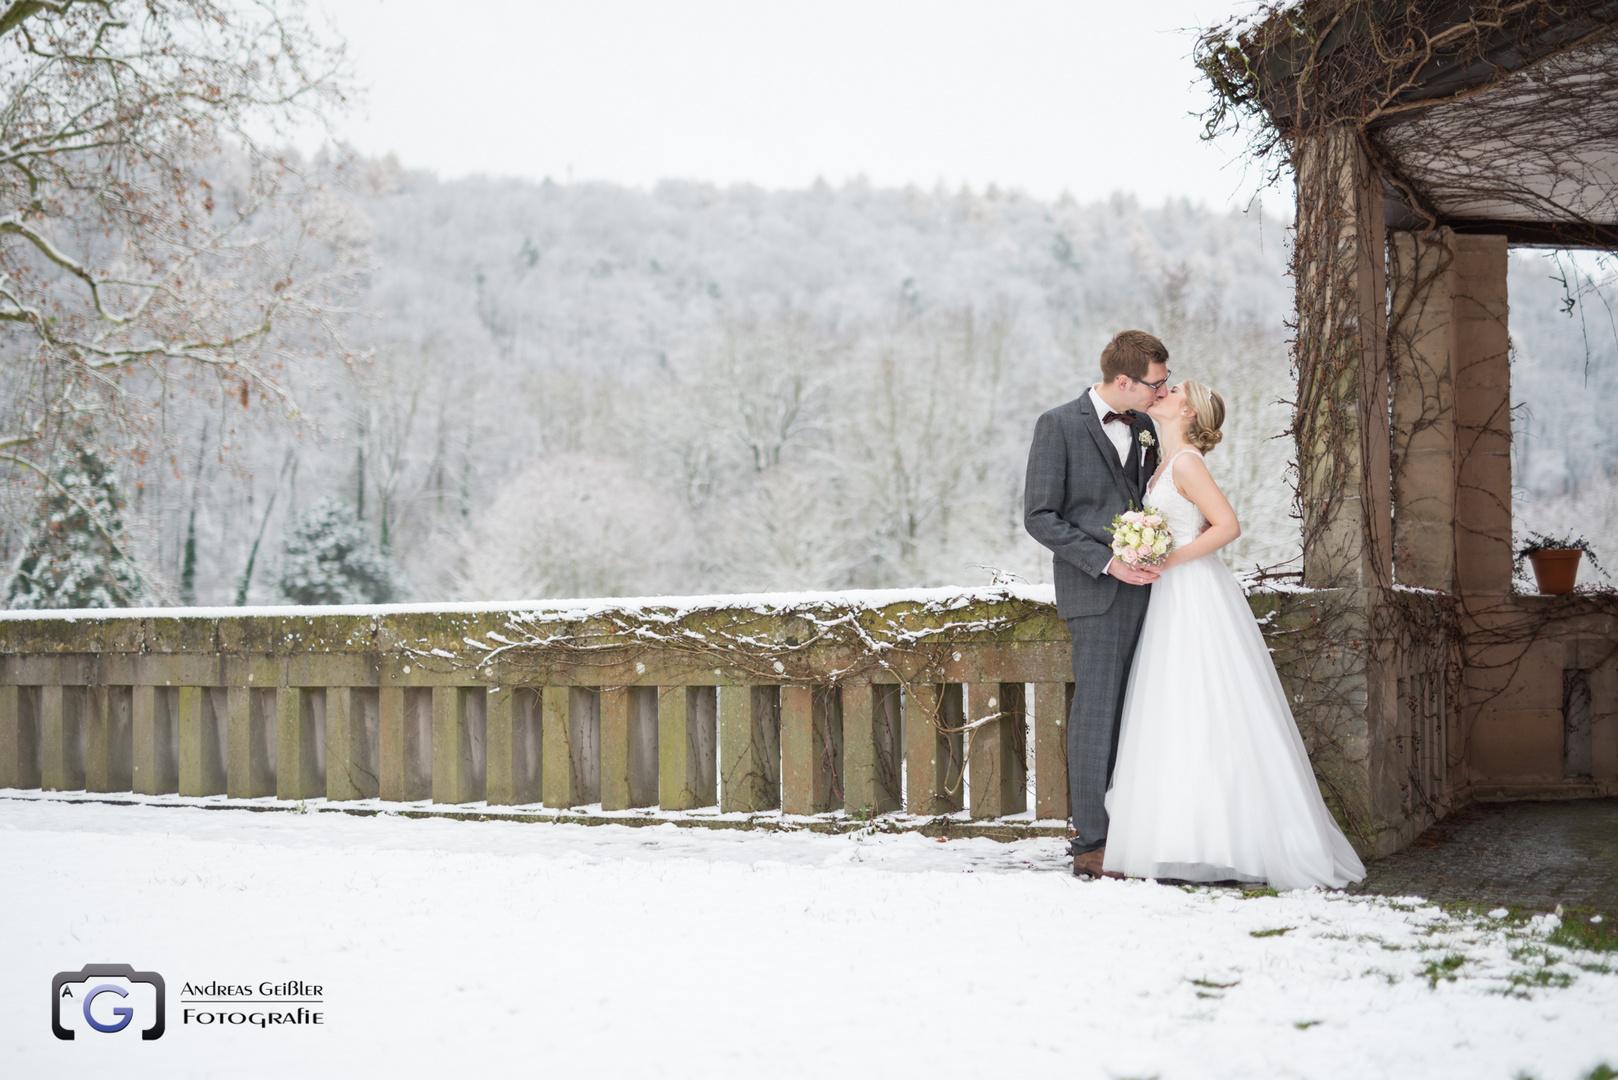 Winterhochzeit Foto Bild Hochzeit Nikon Winter Bilder Auf